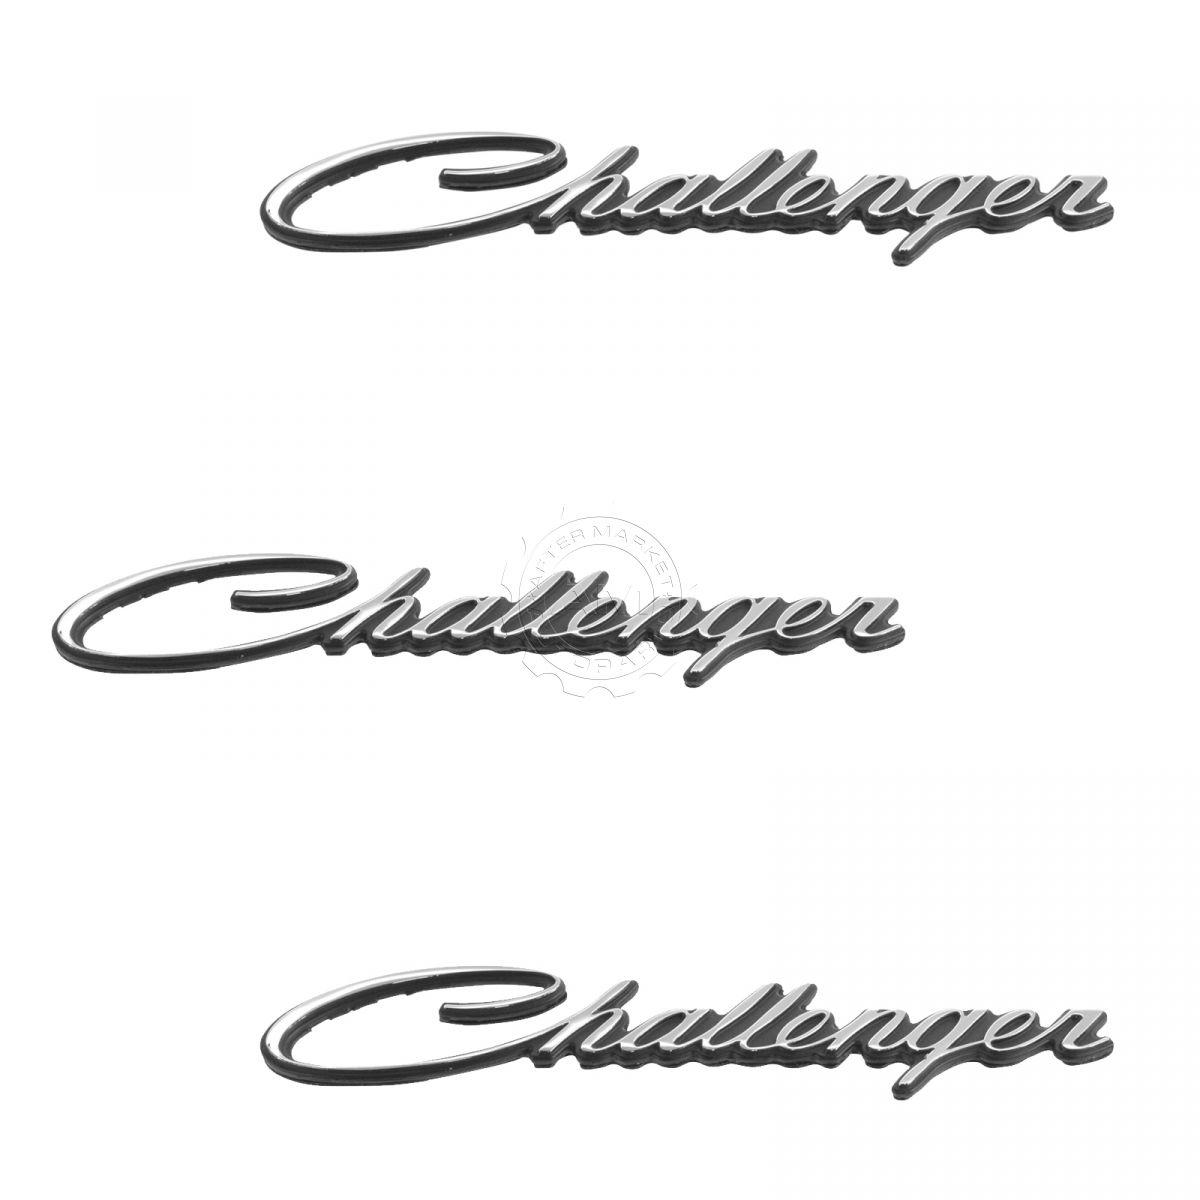 OEM Challenger Nameplate Emblem Chrome Kit Set of 3 for 70